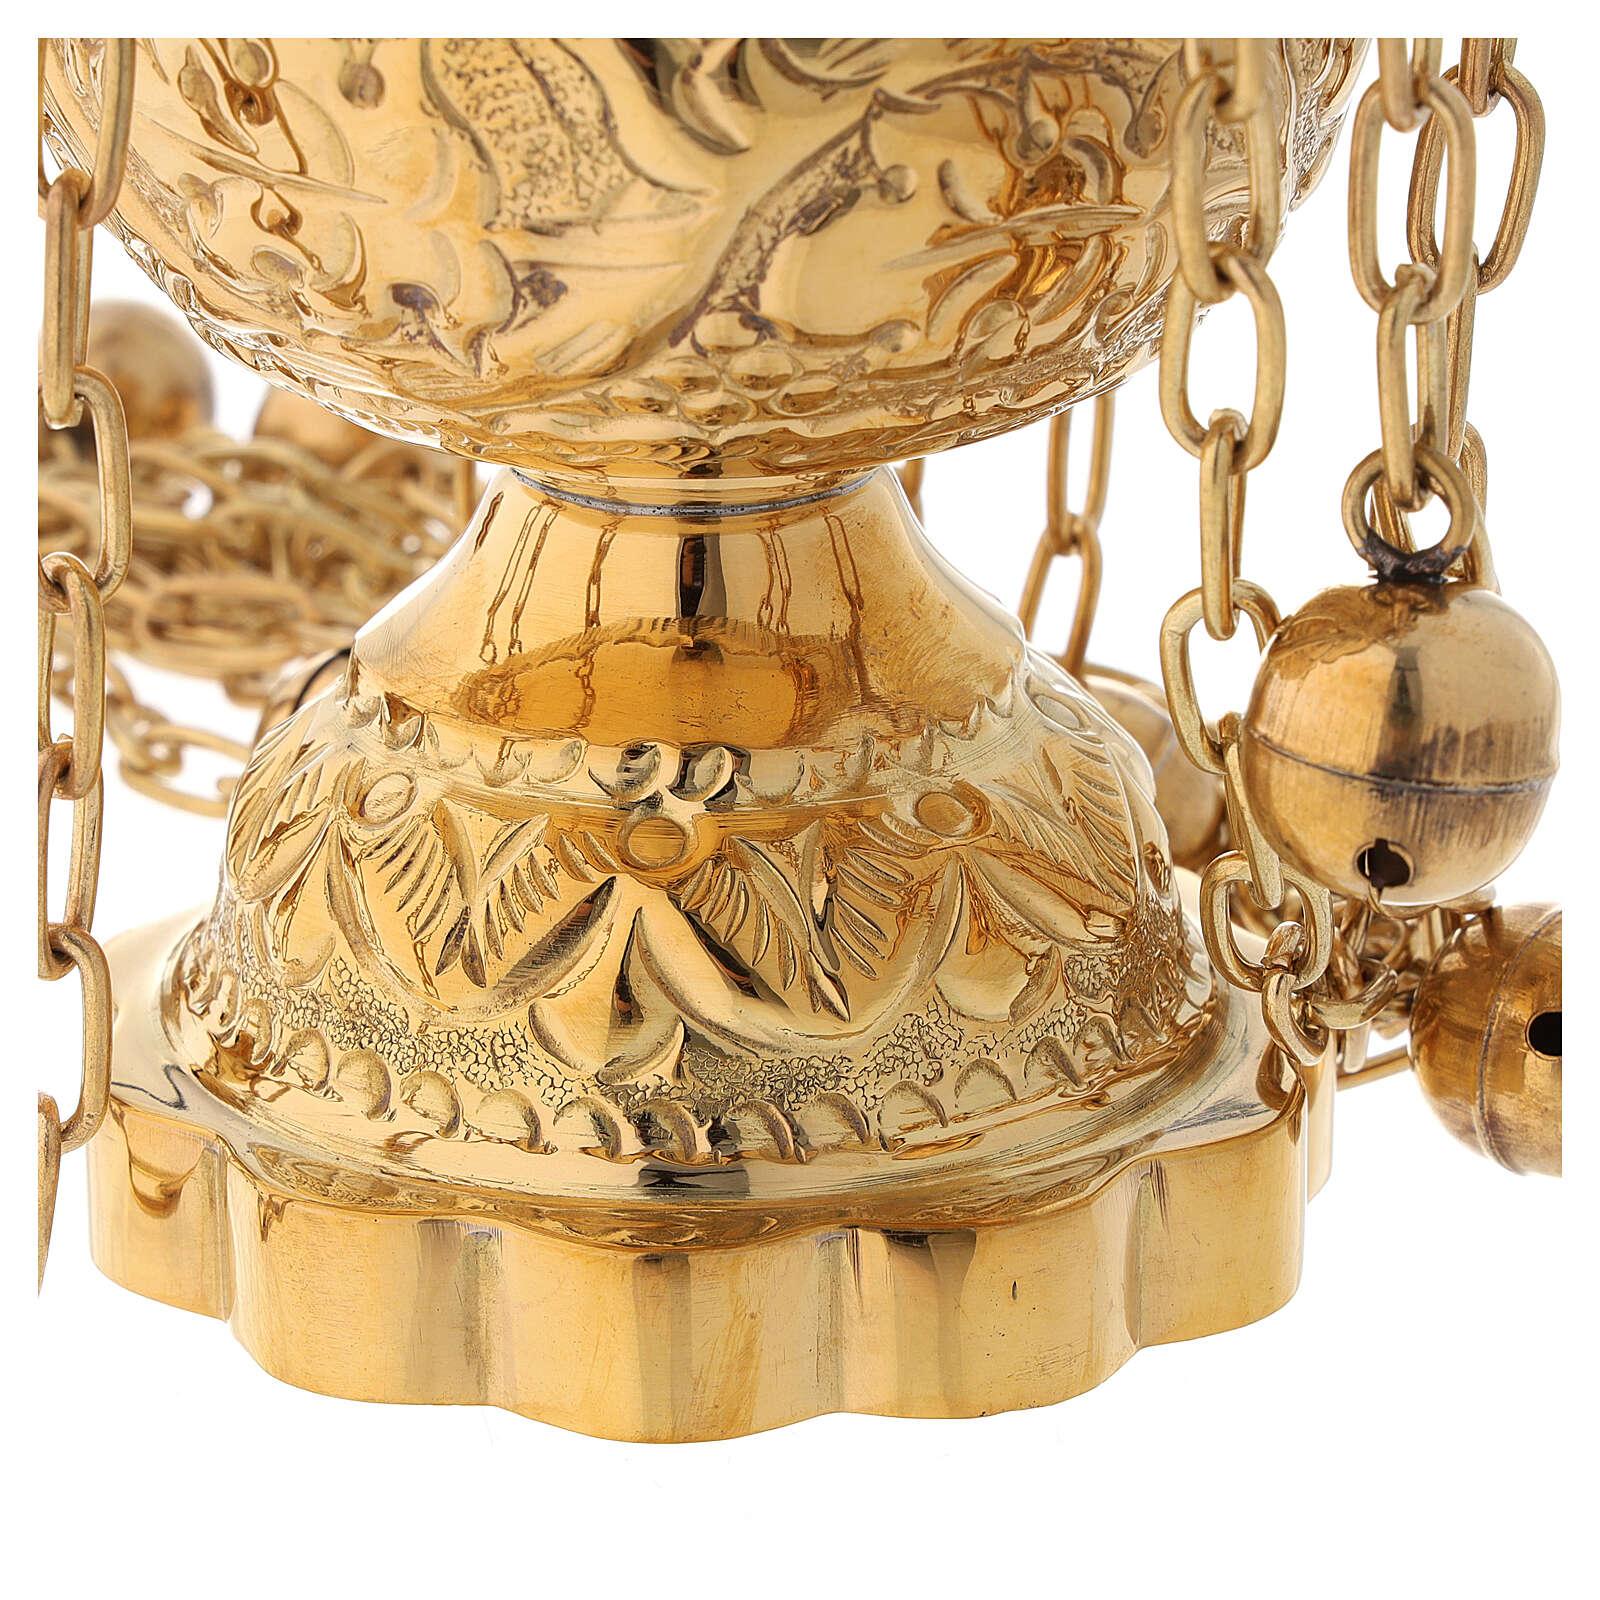 Incensario motivo floral de latón dorado satinado 25 cm 3